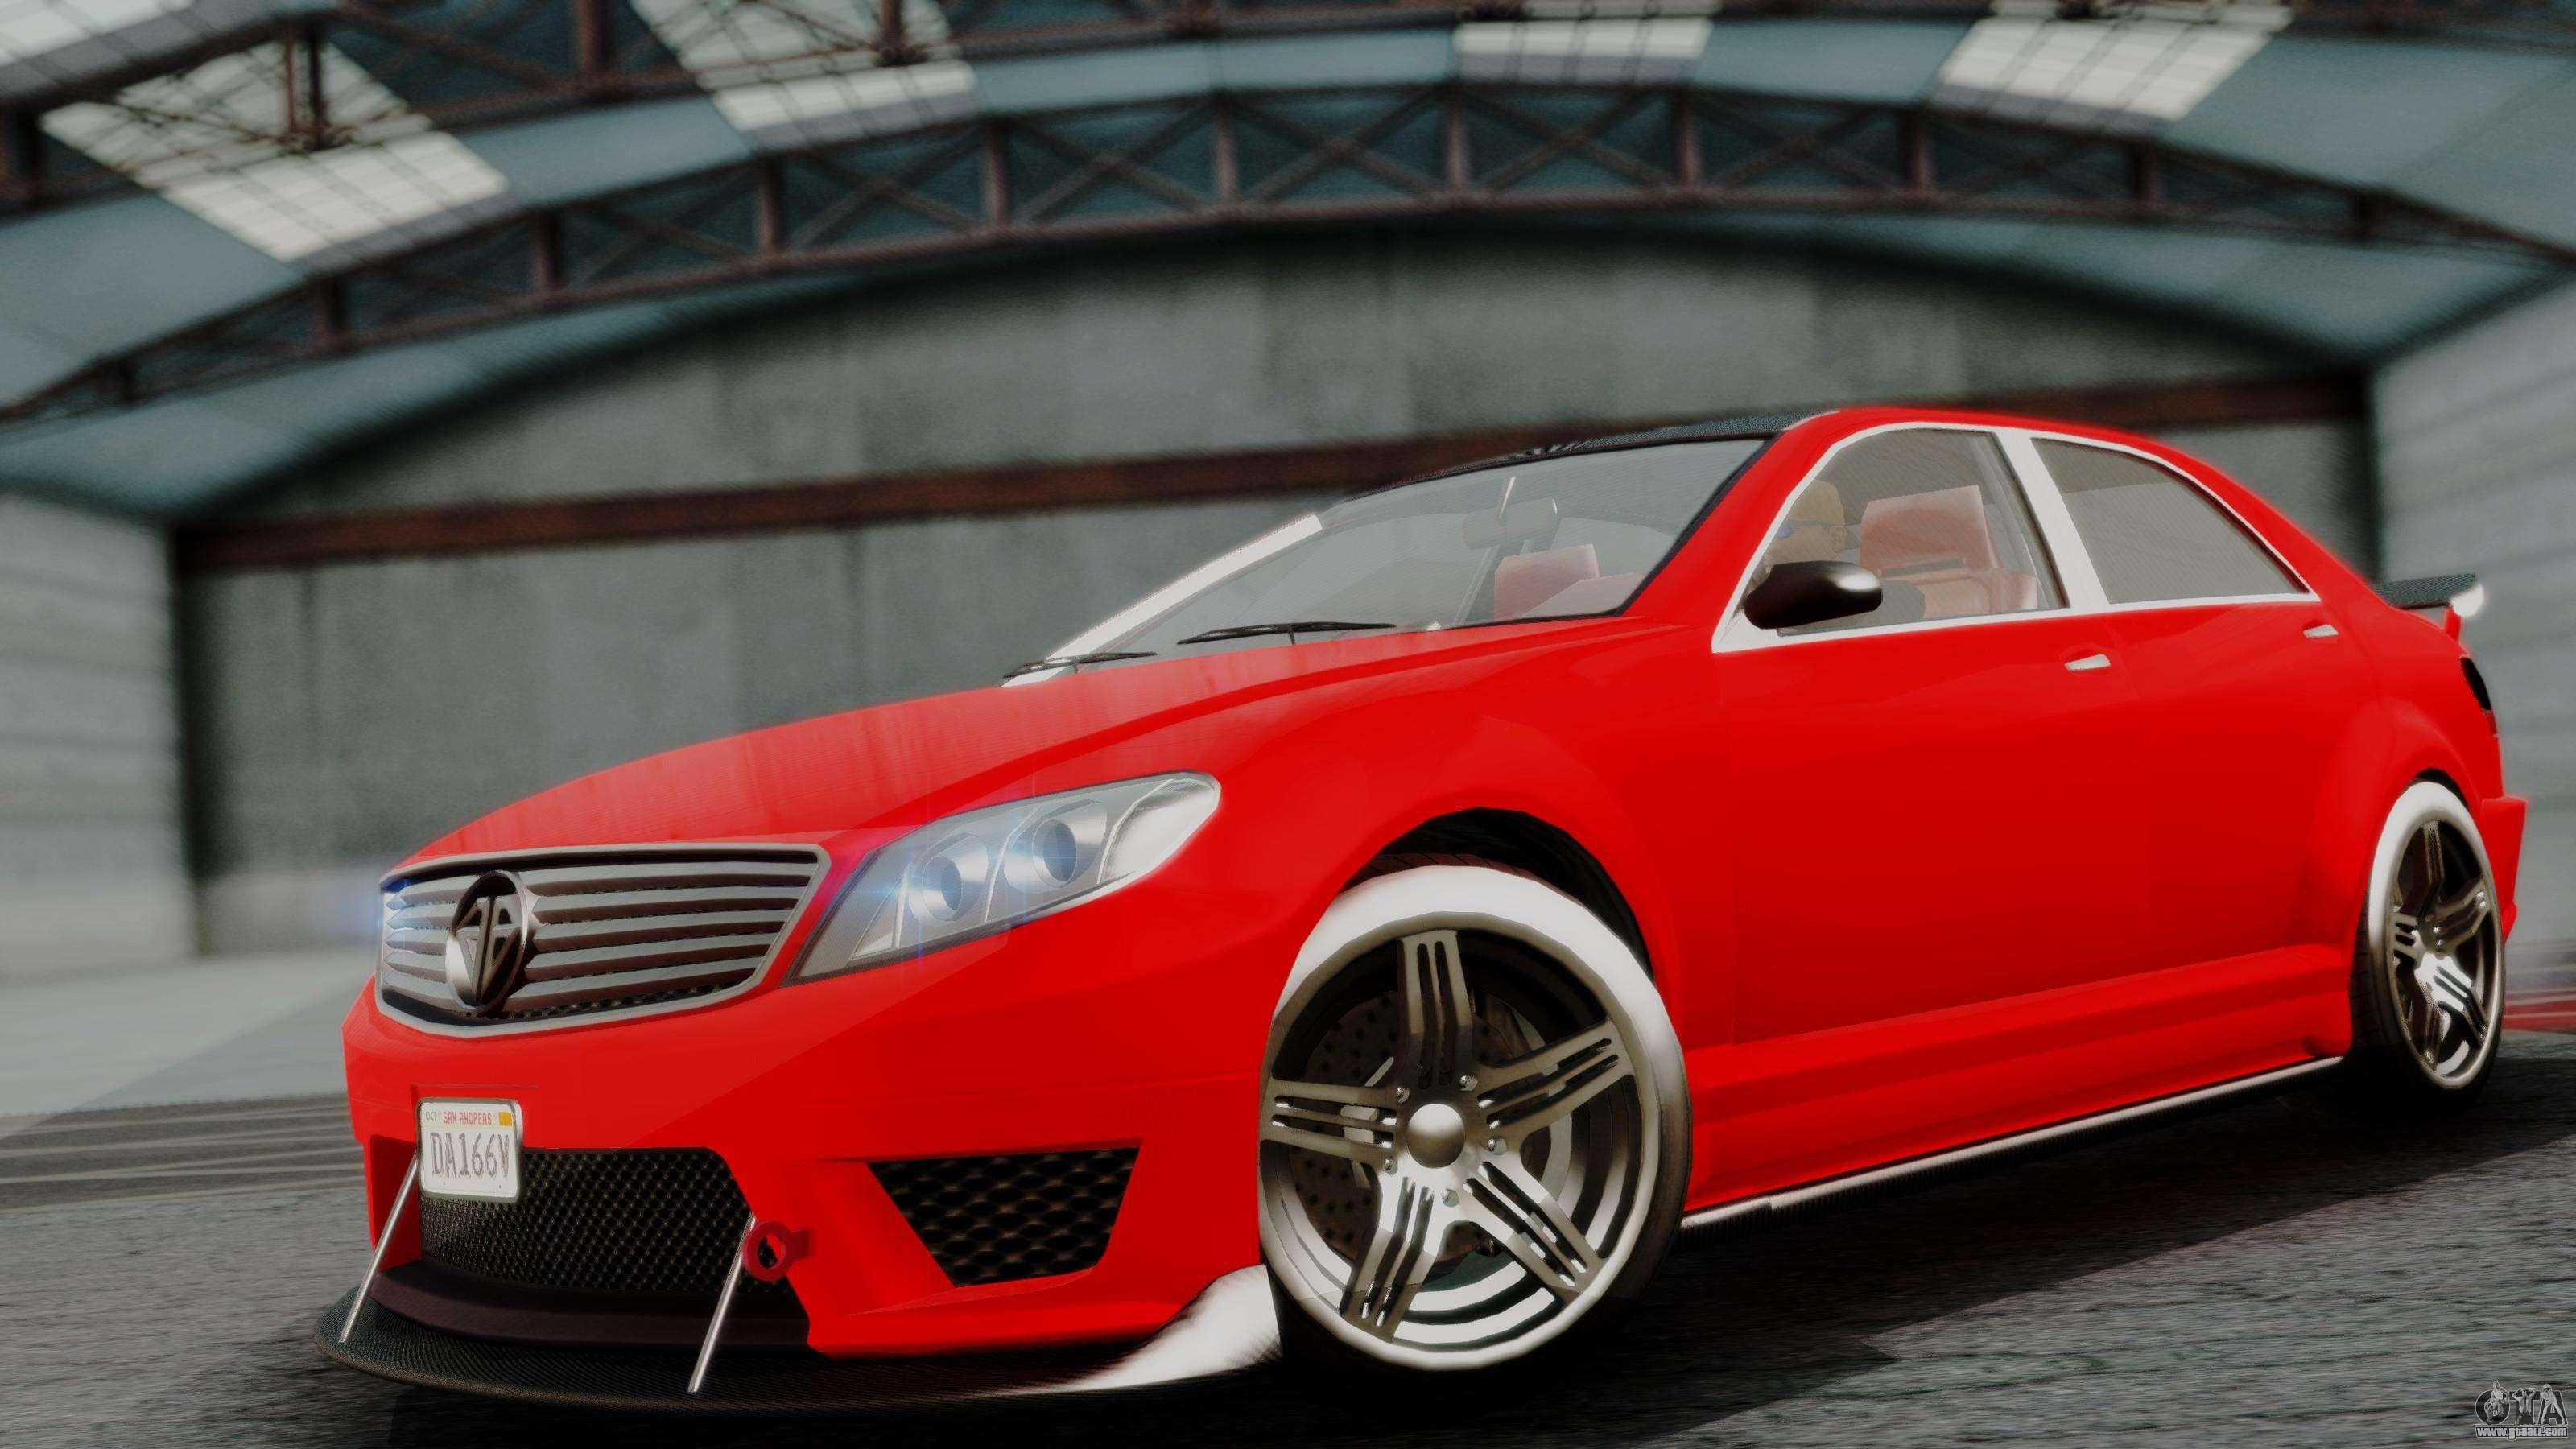 Gta 5 Custom Cars >> GTA 5 Benefactor Schafter V12 IVF for GTA San Andreas